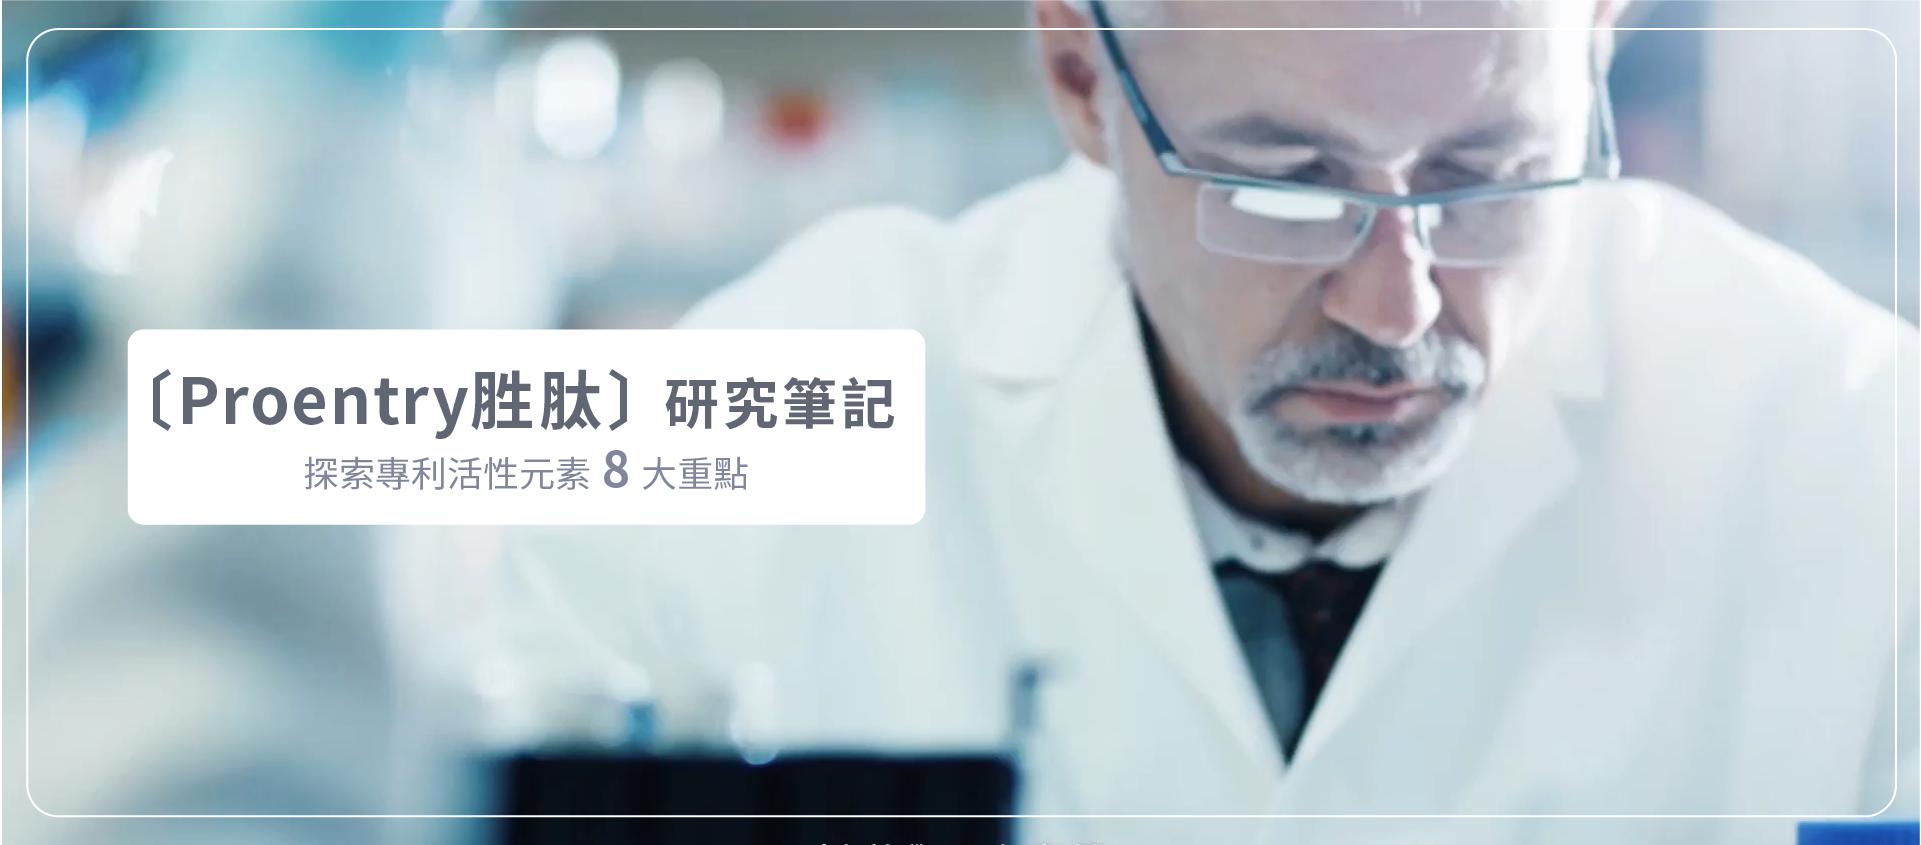 專利乳清胜肽,Proentry,TGF-B2,轉化生長因子